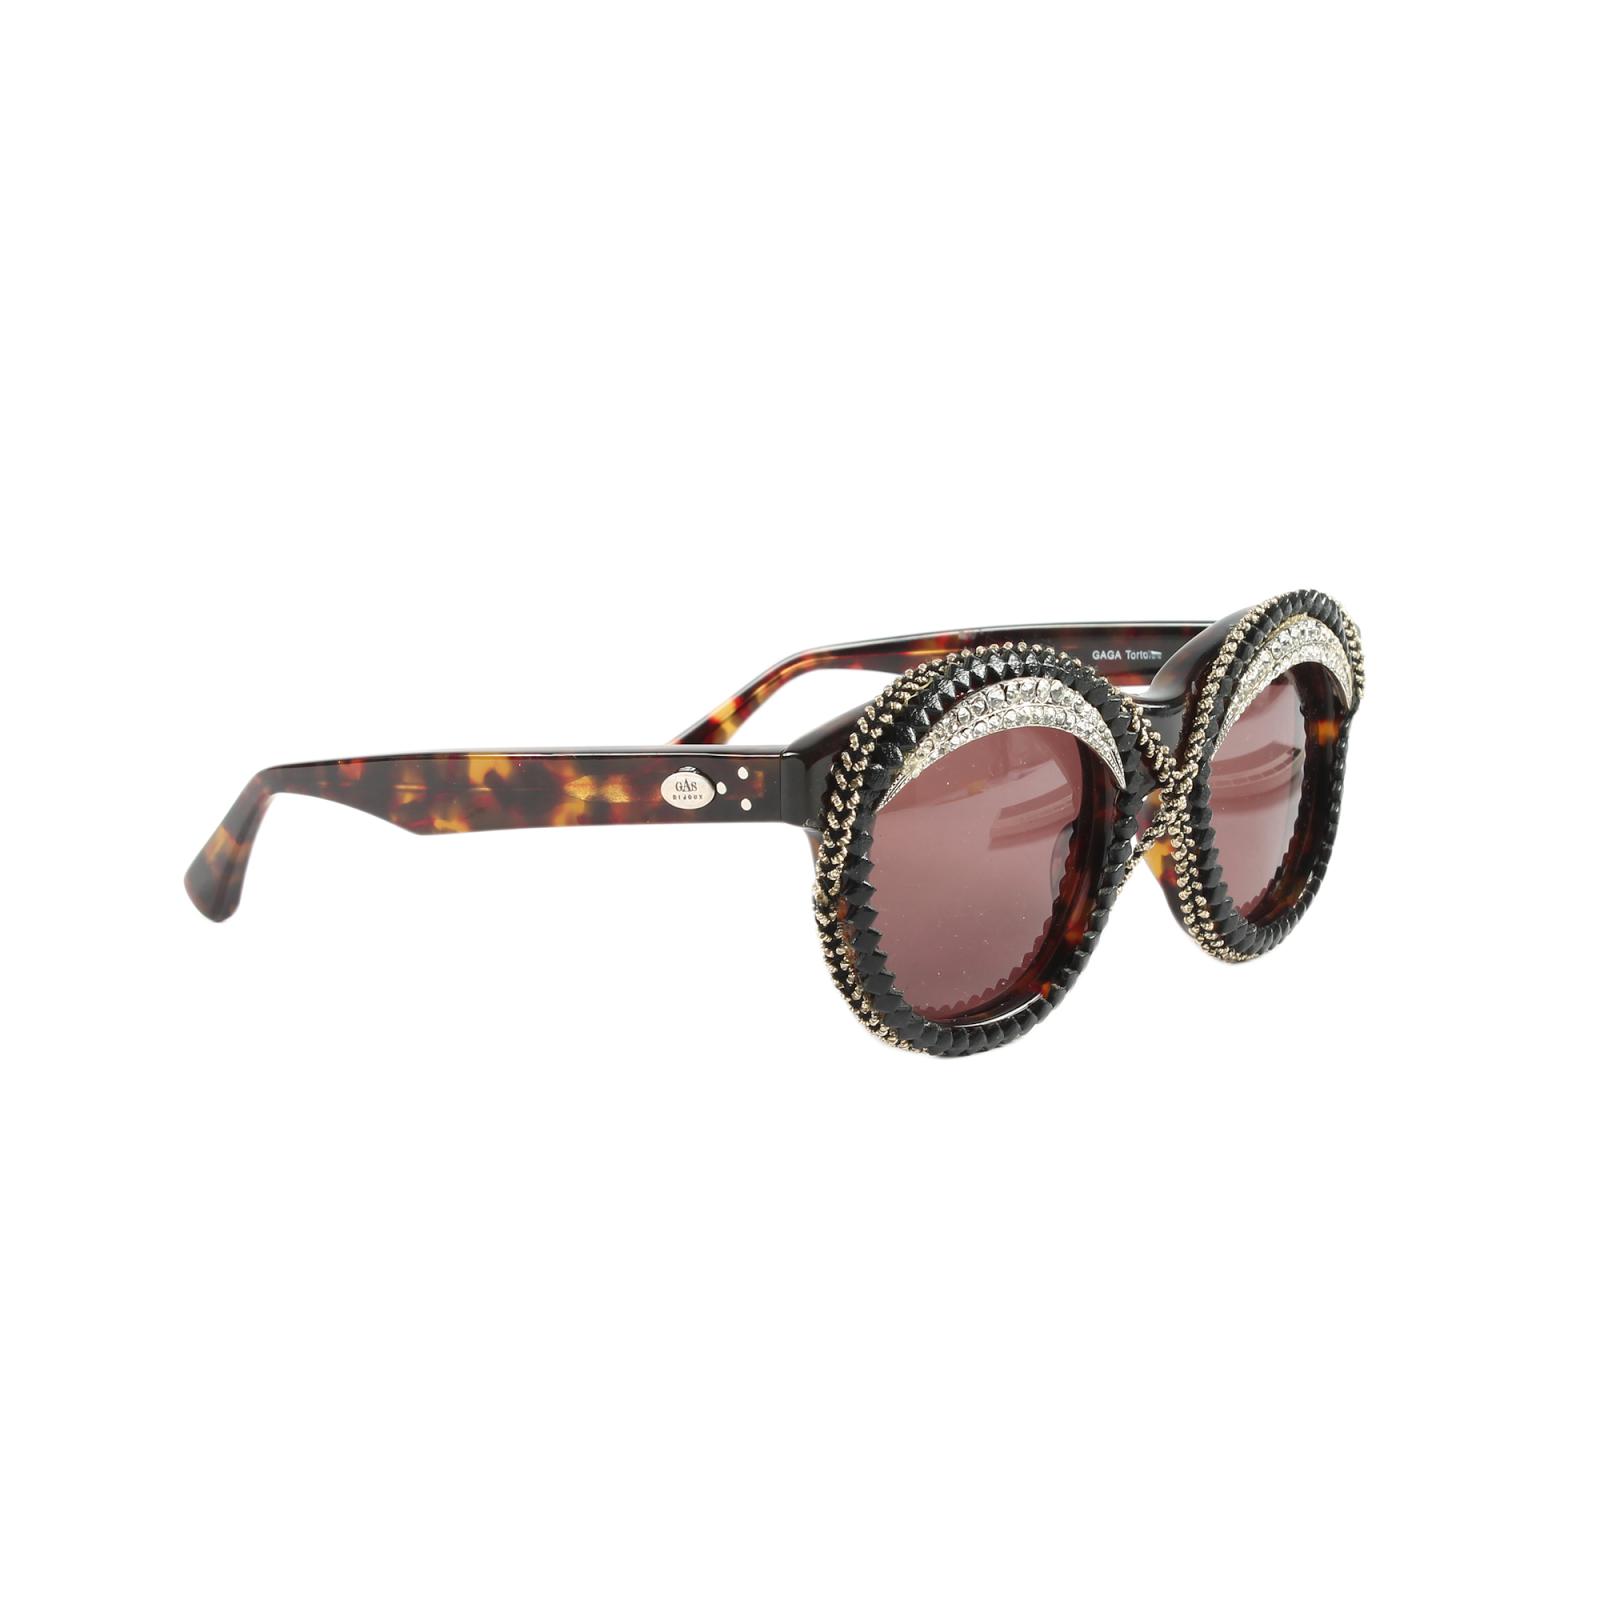 Gas-Bijoux, lunettes-Gas-Bijoux, lunette-de-soleil-guess-femme, lunette-de-soleil-pas-chere, lunette-de-soleil-julbo, lunette-soleil-pas-cher, du-dessin-aux-podiums, dudessinauxpodiums, lunettes-de-soleil-guess-femme, lunette-de-soleil-carrera-homme, lunette-persol-homme, lunettes-de-soleil-enfant, lunette-pas-chere, lunettes-soleil-guess, lunettes-soleil-femme